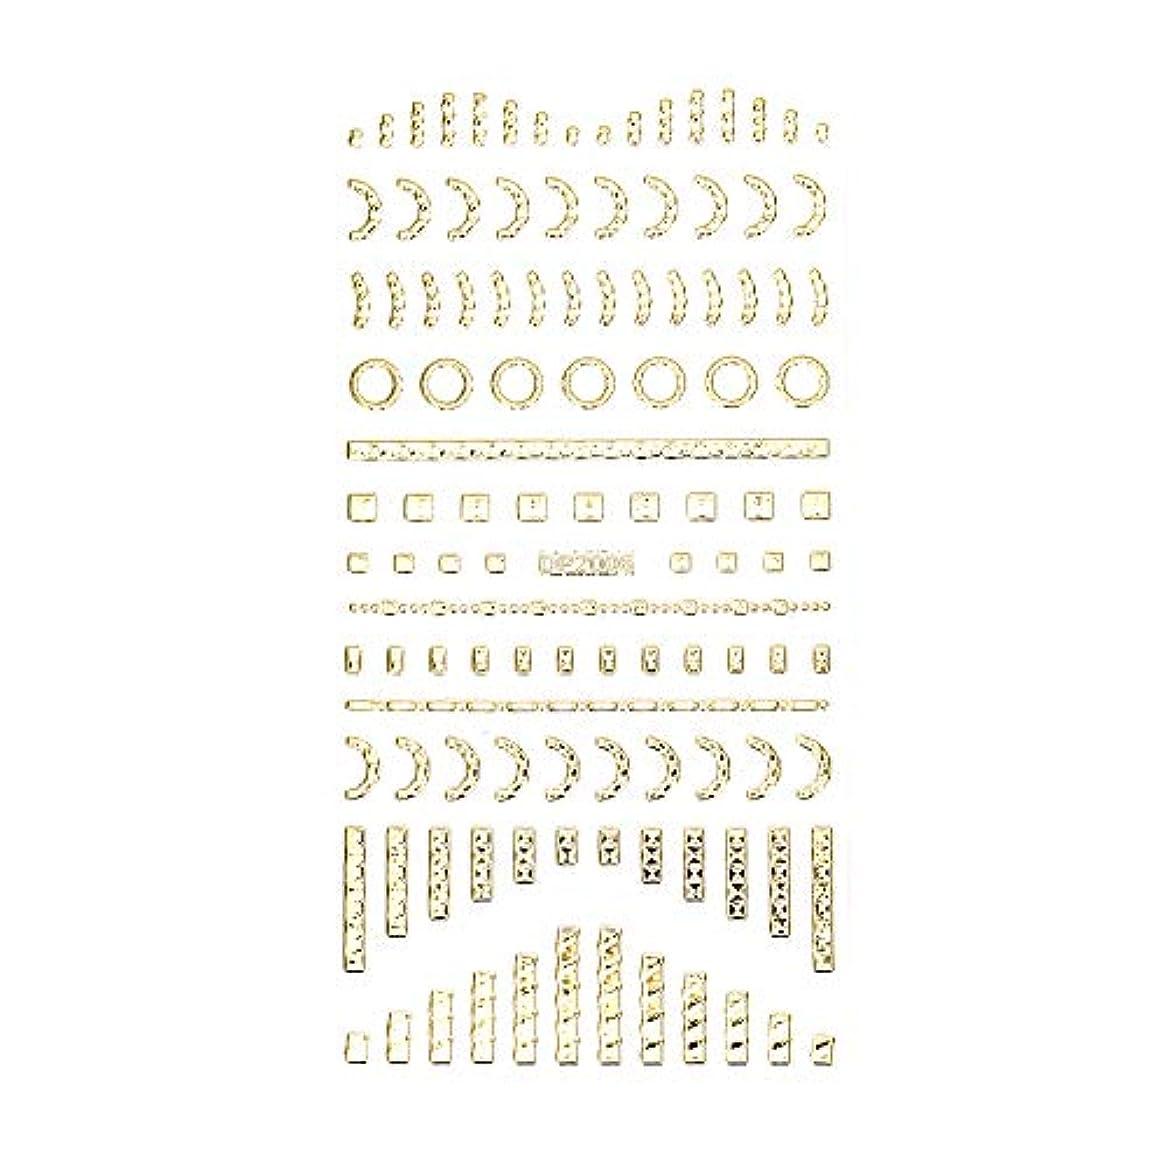 地下予定タイプネイルシール デザインパーツ風シール ゴールド【DP2006】【タイプ6】ネイルアート スクエア レクタングル トライアングル くり抜き フレーム